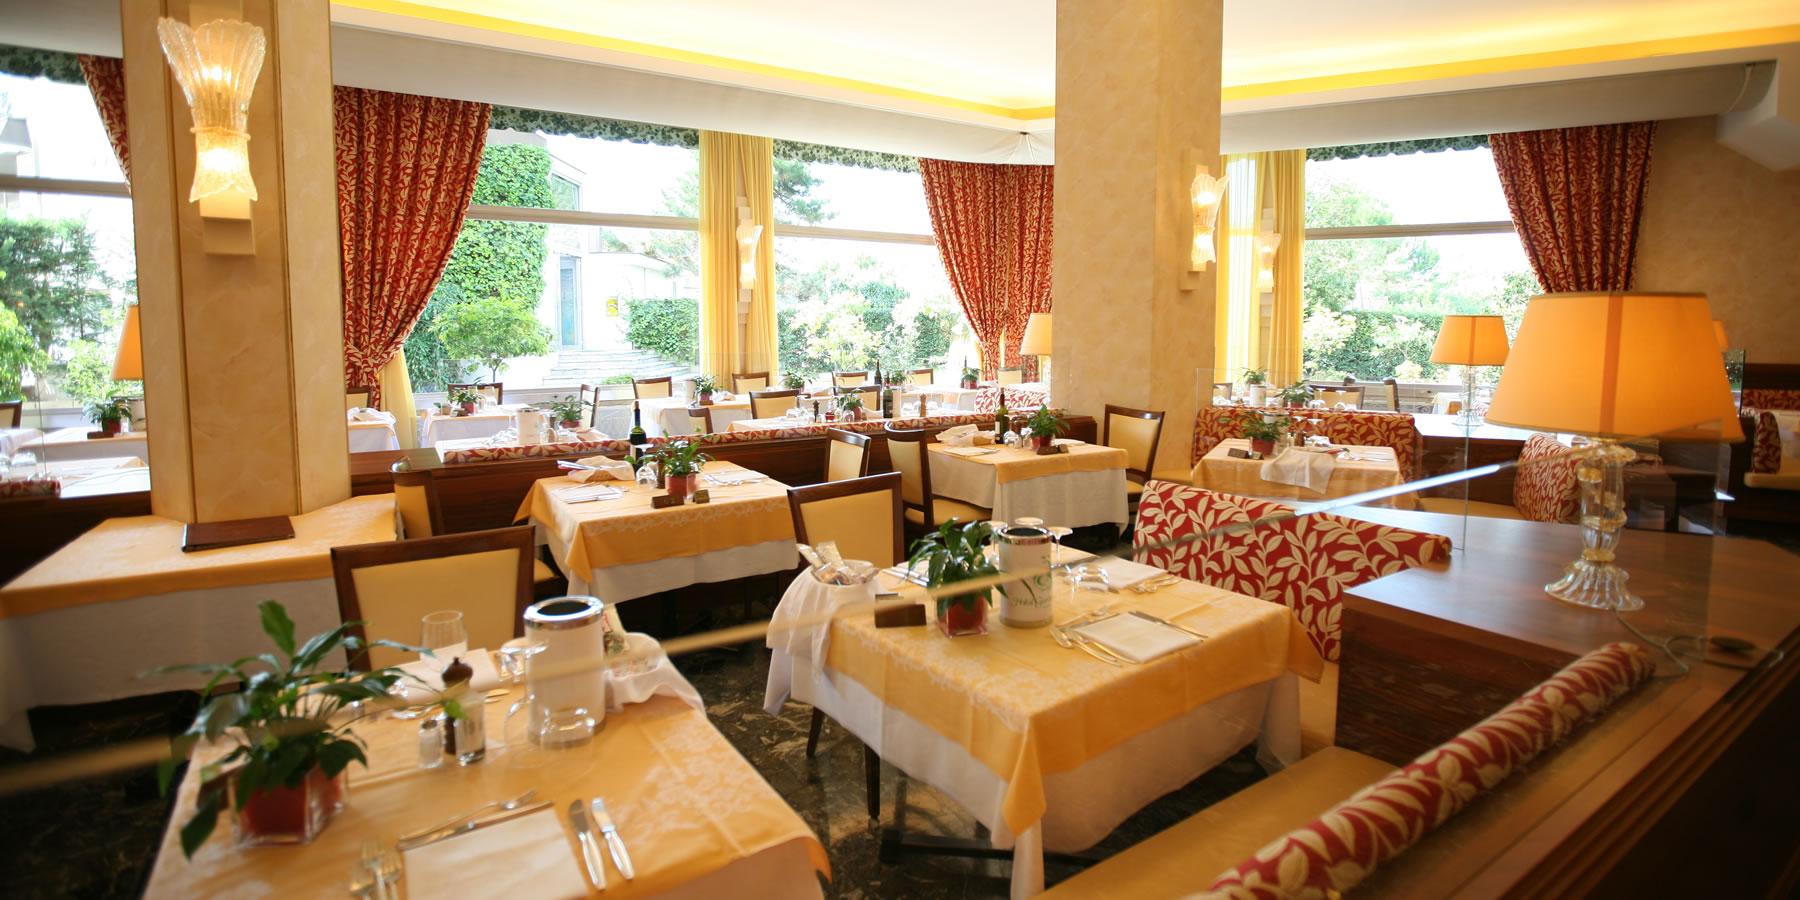 Restaurant im Hotel Garden - Hotel Garden Terme